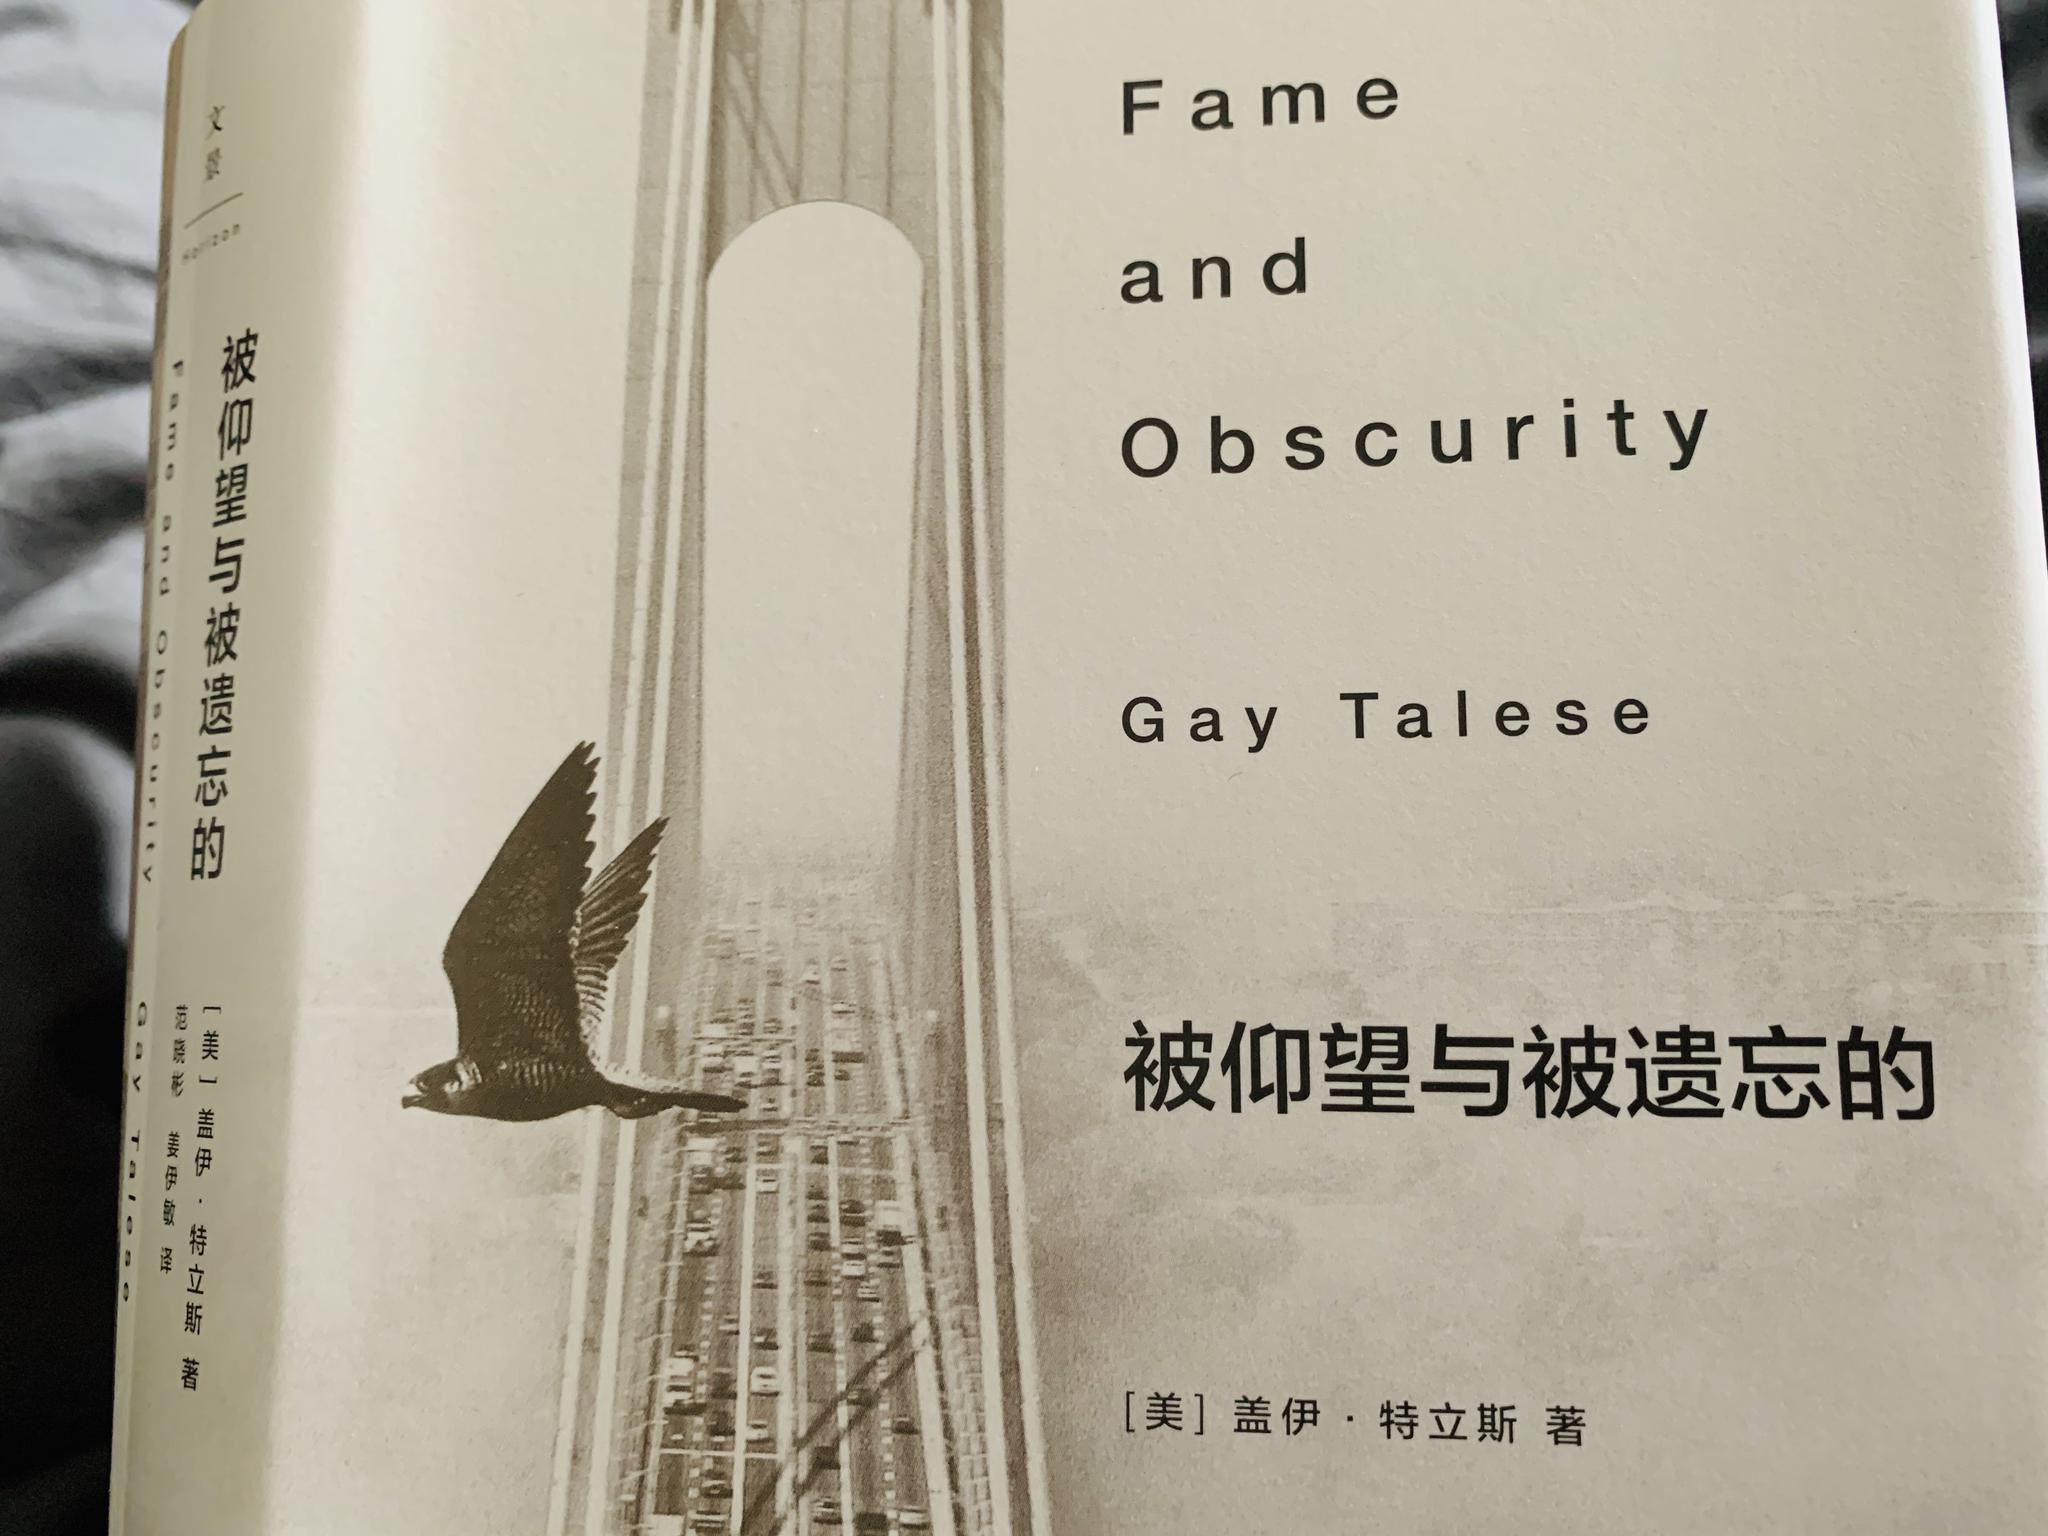 """盖伊·特立斯被誉为""""新新闻主义之父""""、""""全世界特稿写作者的典范"""""""